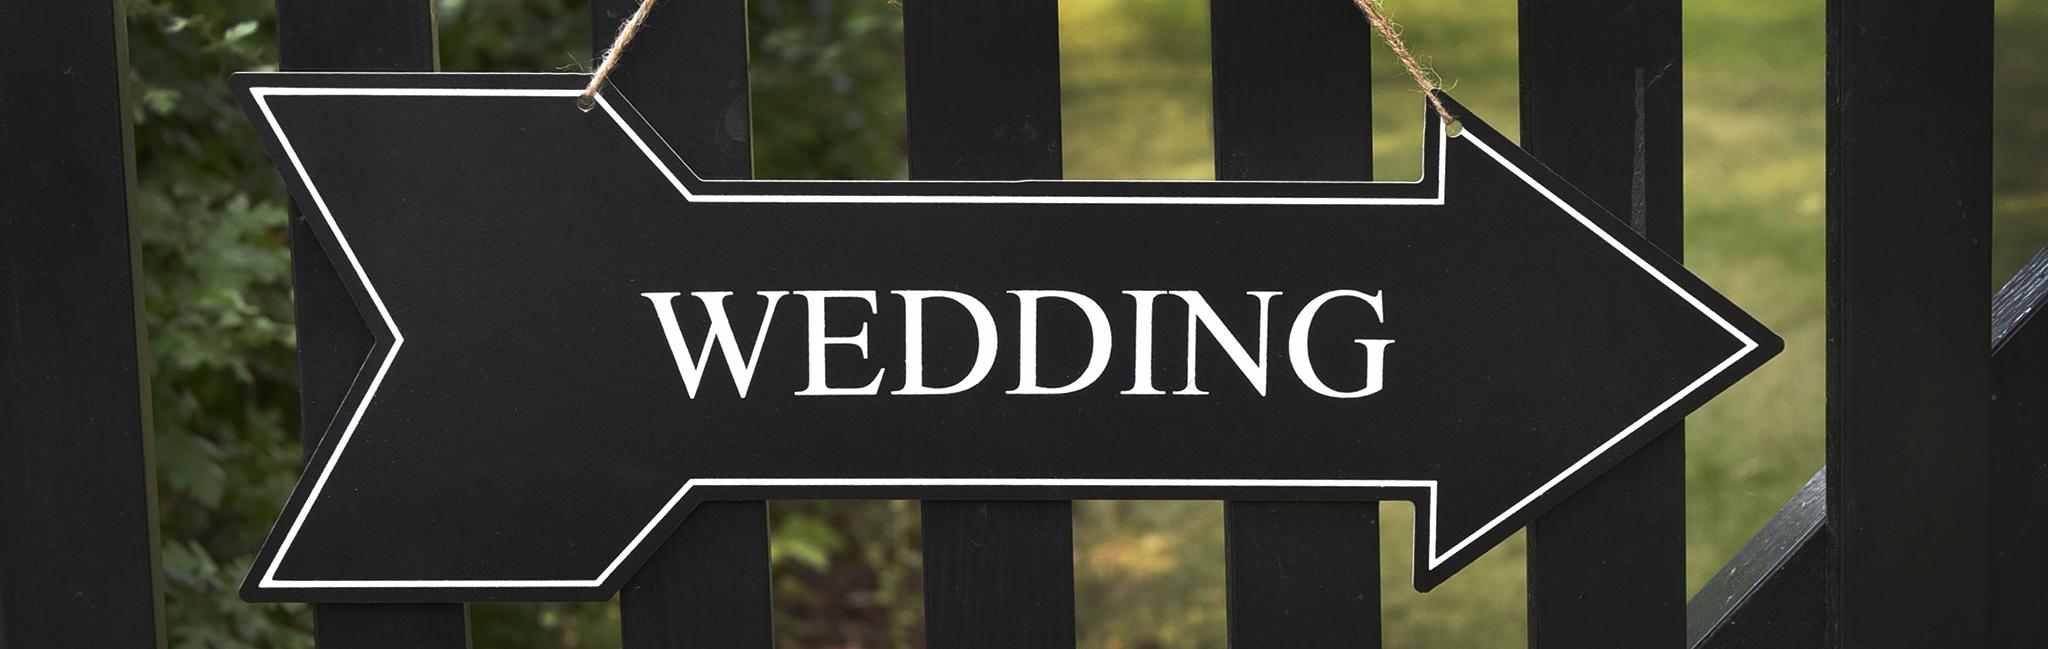 Etiquette en gebruiken bij bruiloft en trouwfeest